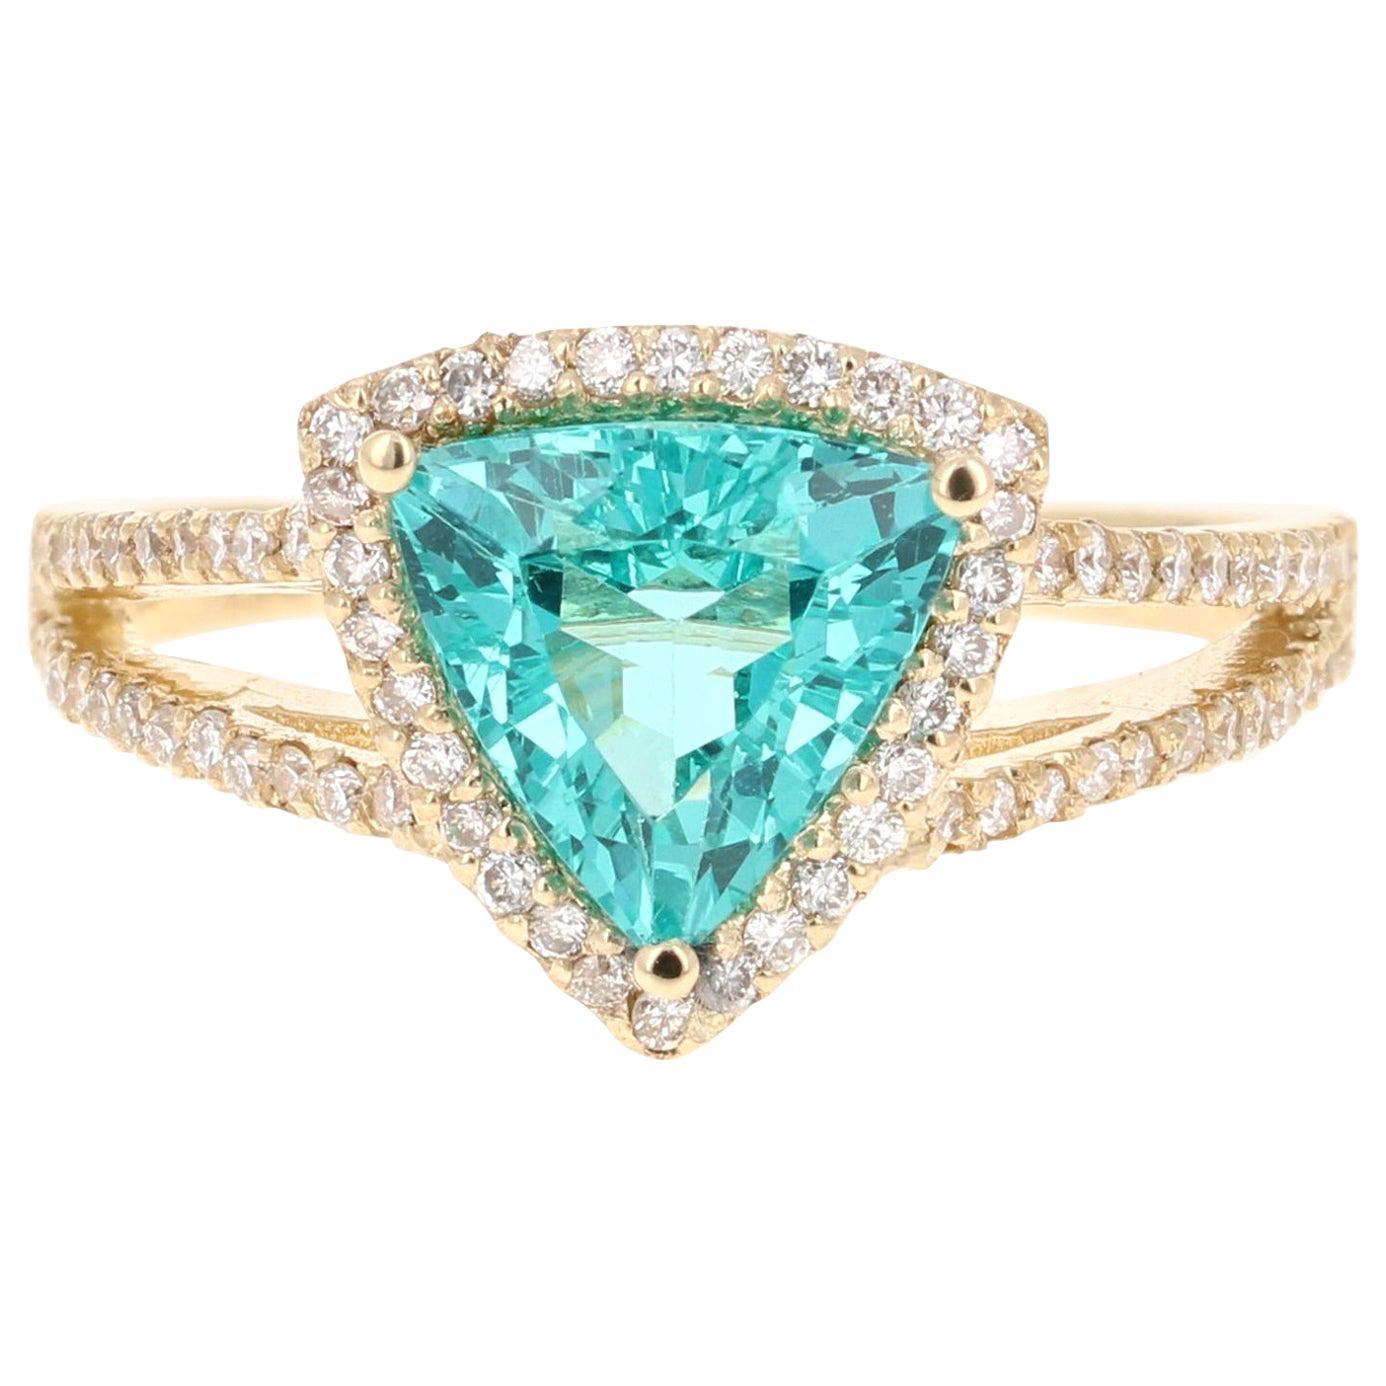 2.21 Carat Apatite Diamond 14 Karat Yellow Gold Cocktail Ring